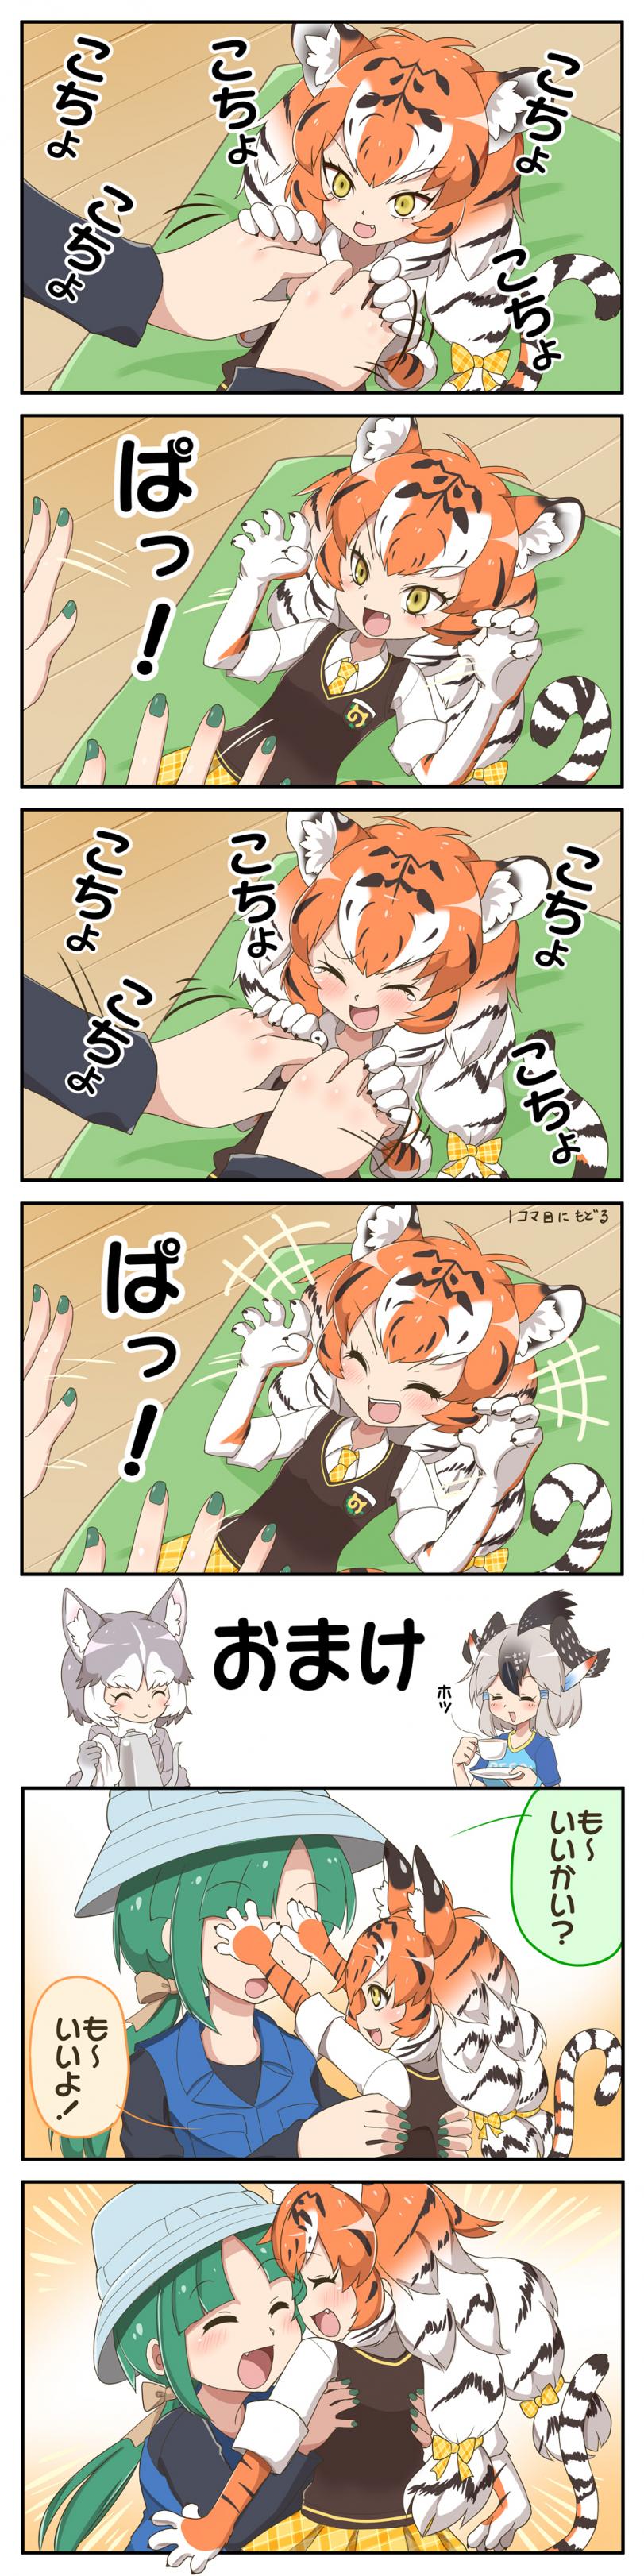 Играем с маленьким амурским тигром.